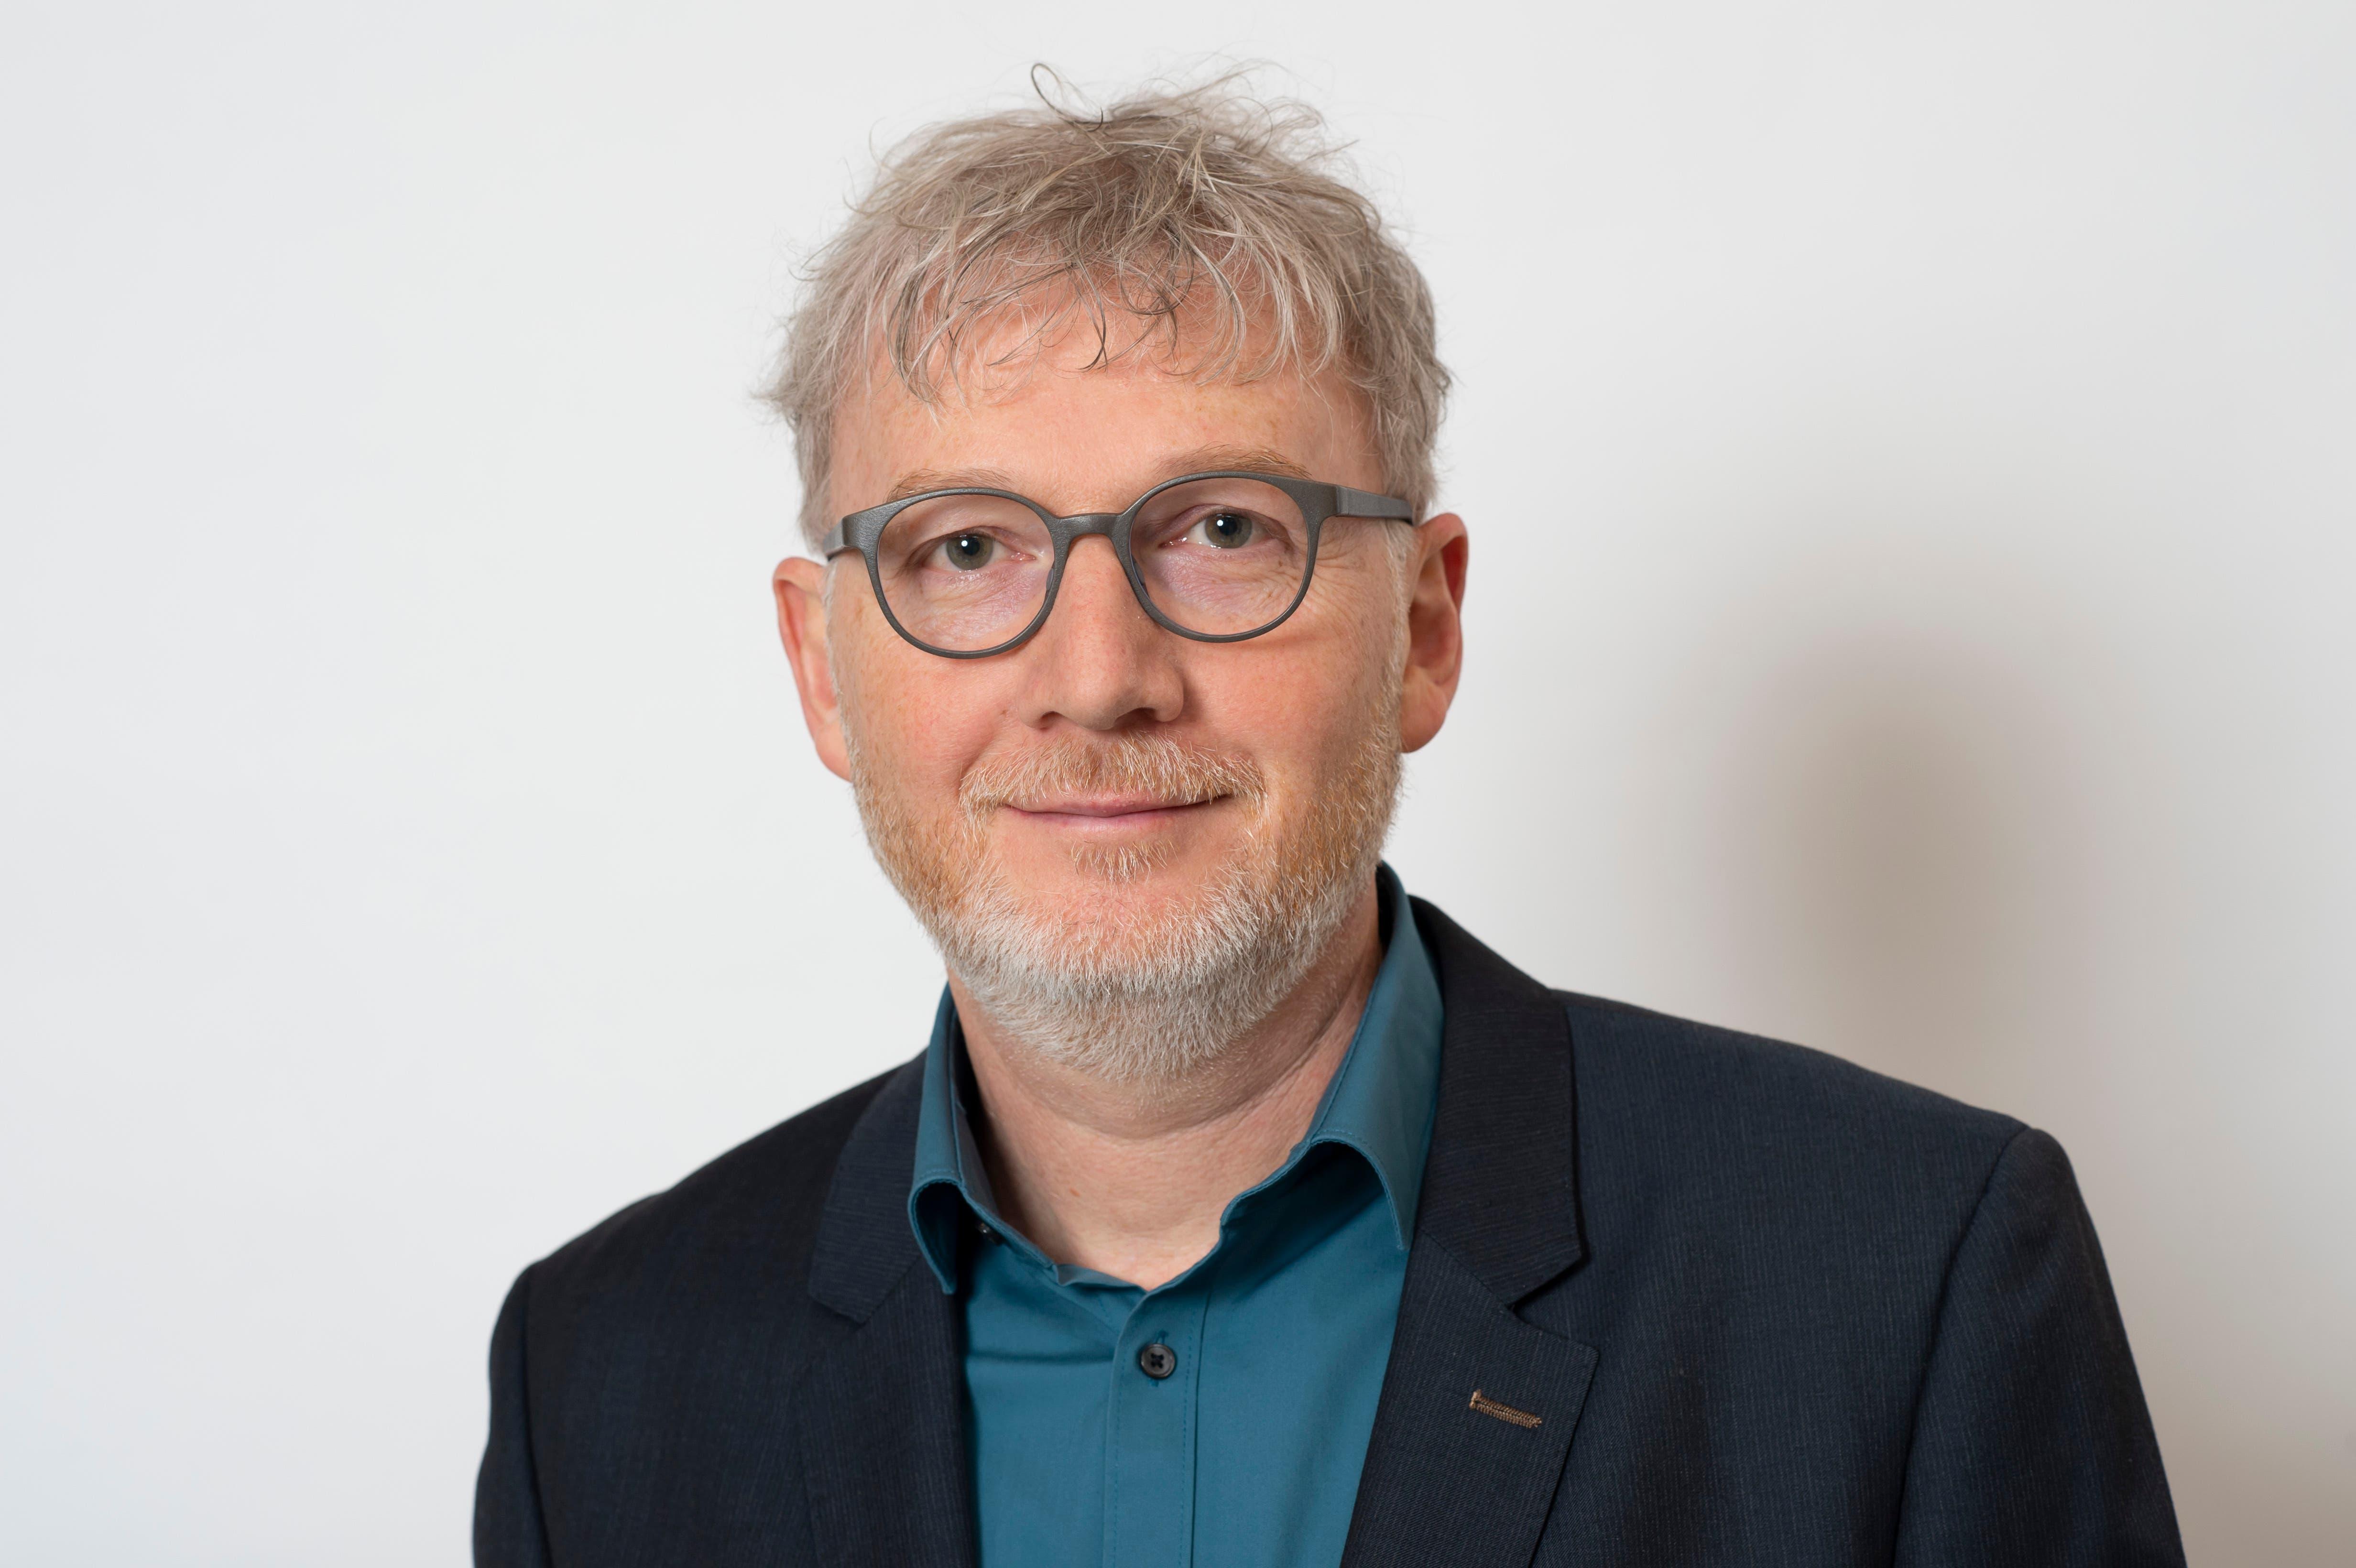 Nicht gewählt mit 2'059 Stimmen: Jörg Stalder, L20 (bisher)